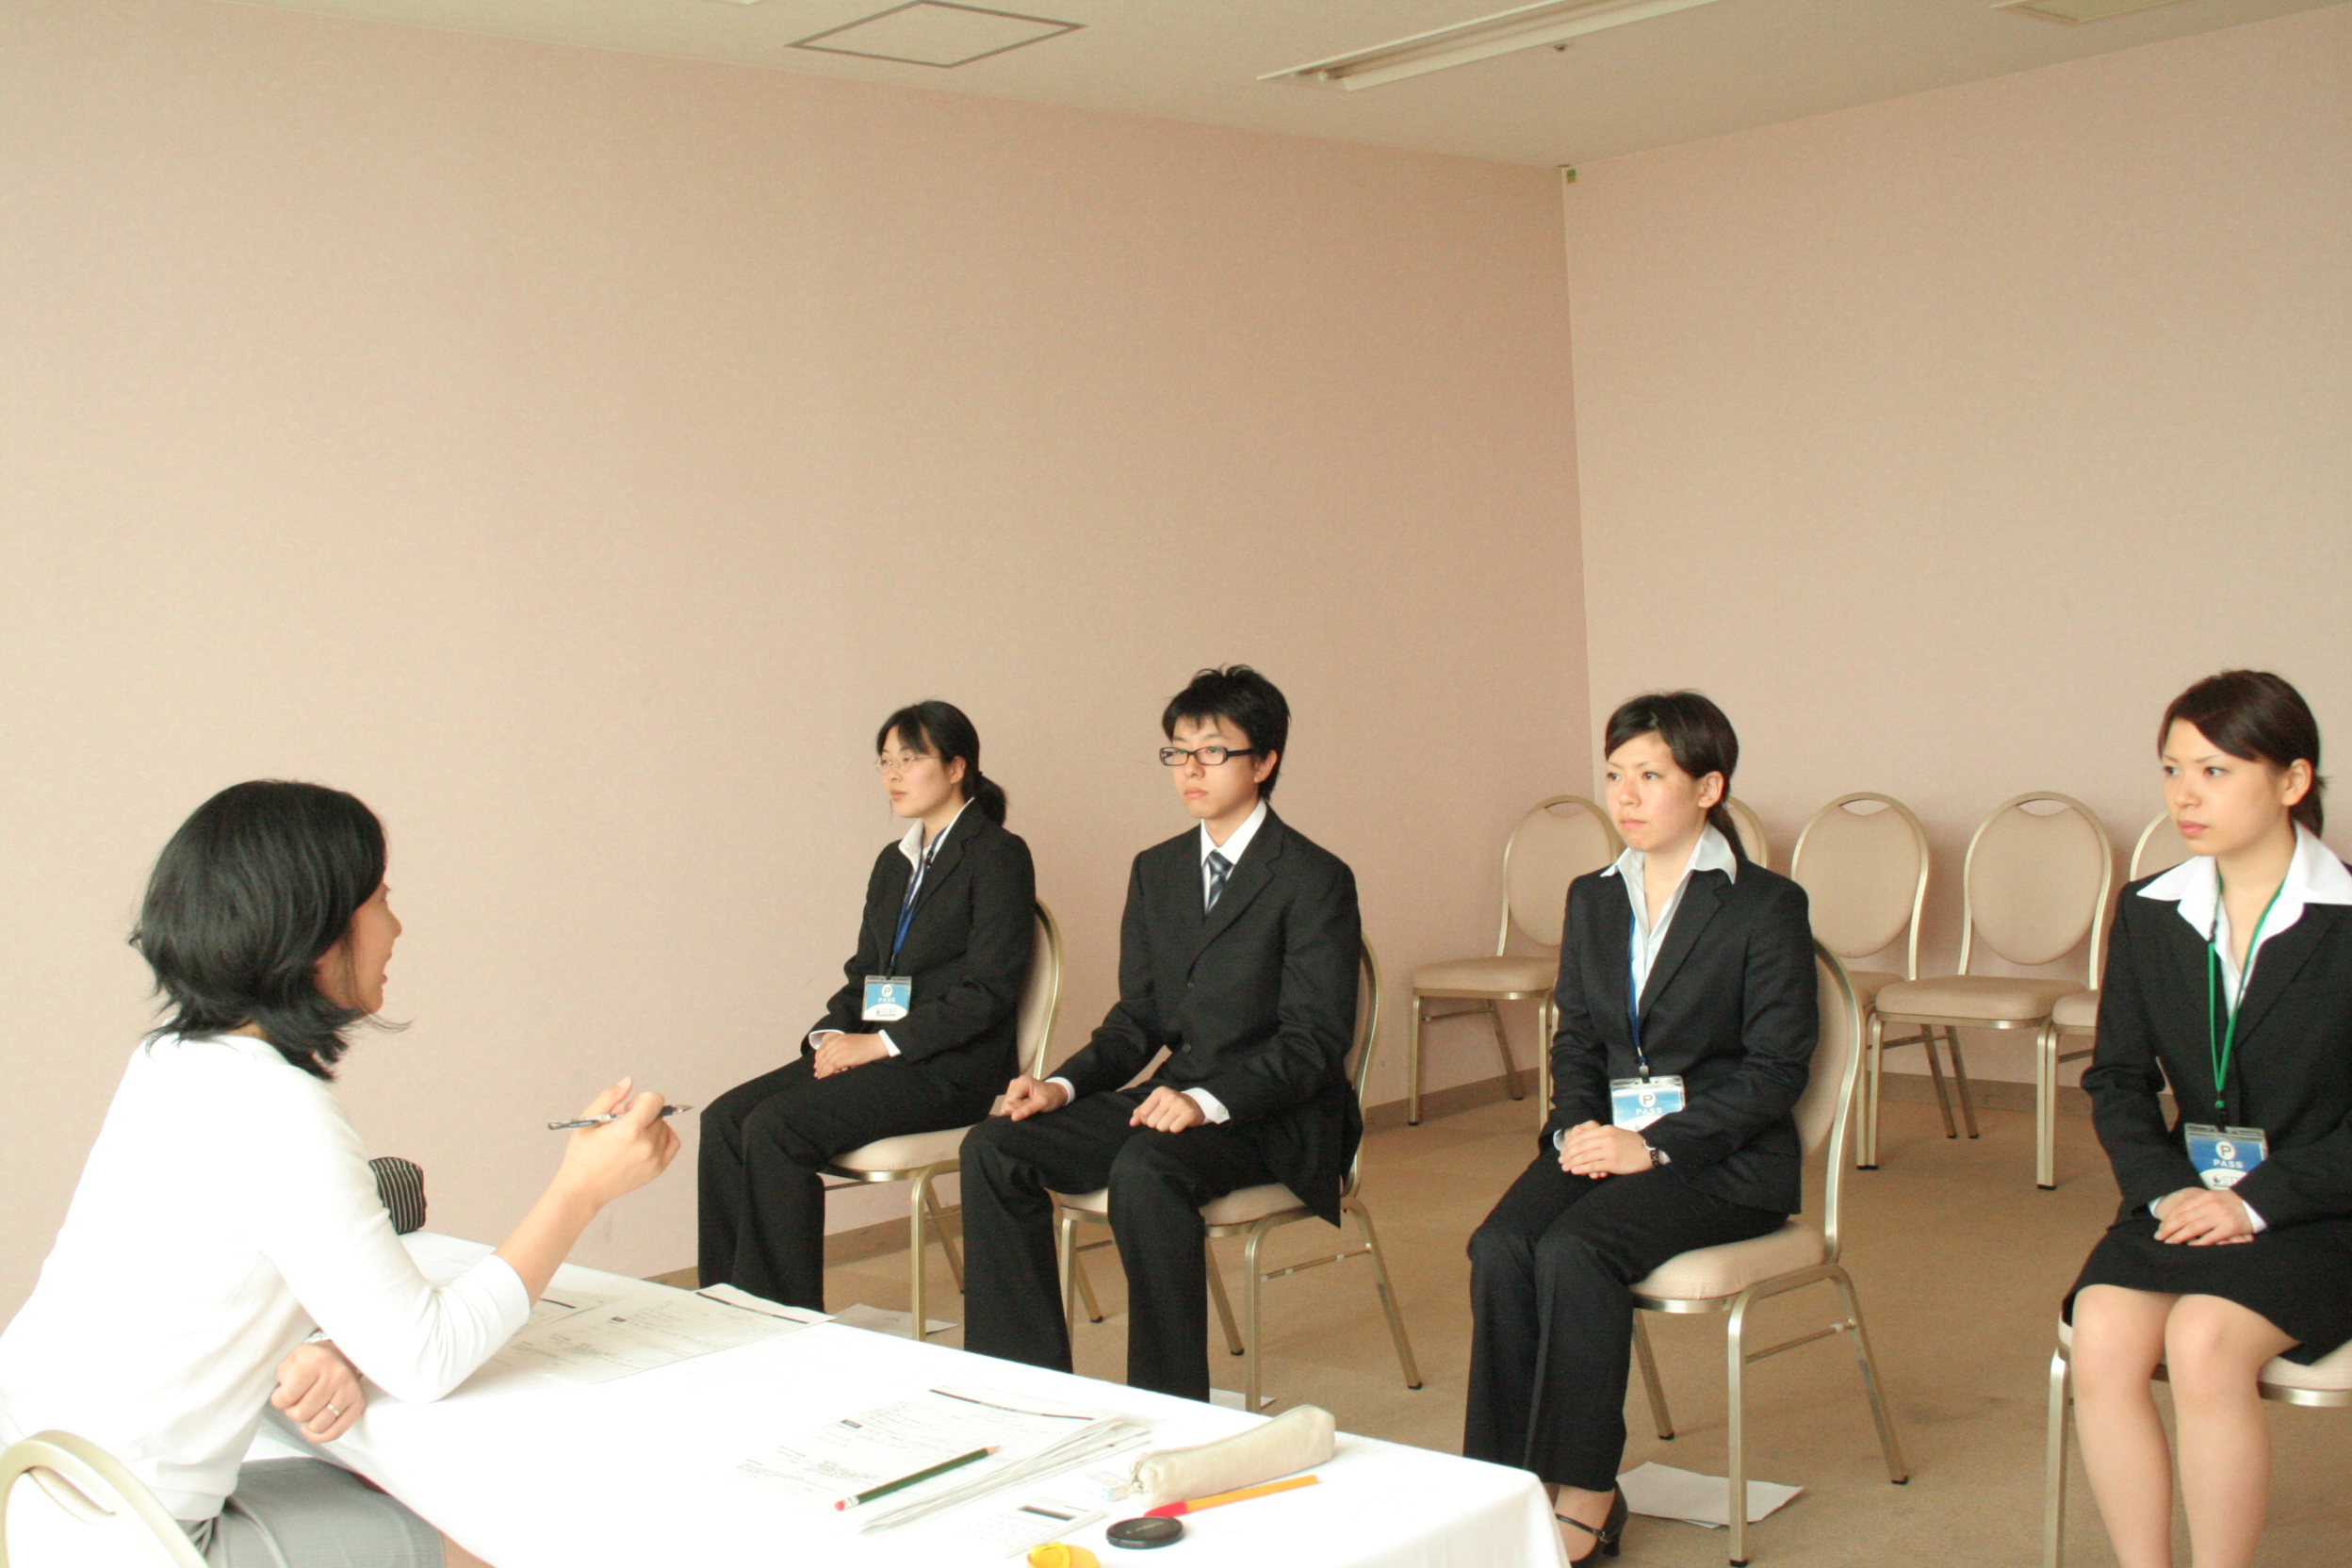 職業訓練の面接におすすめの服装・持ち物・質問例 …